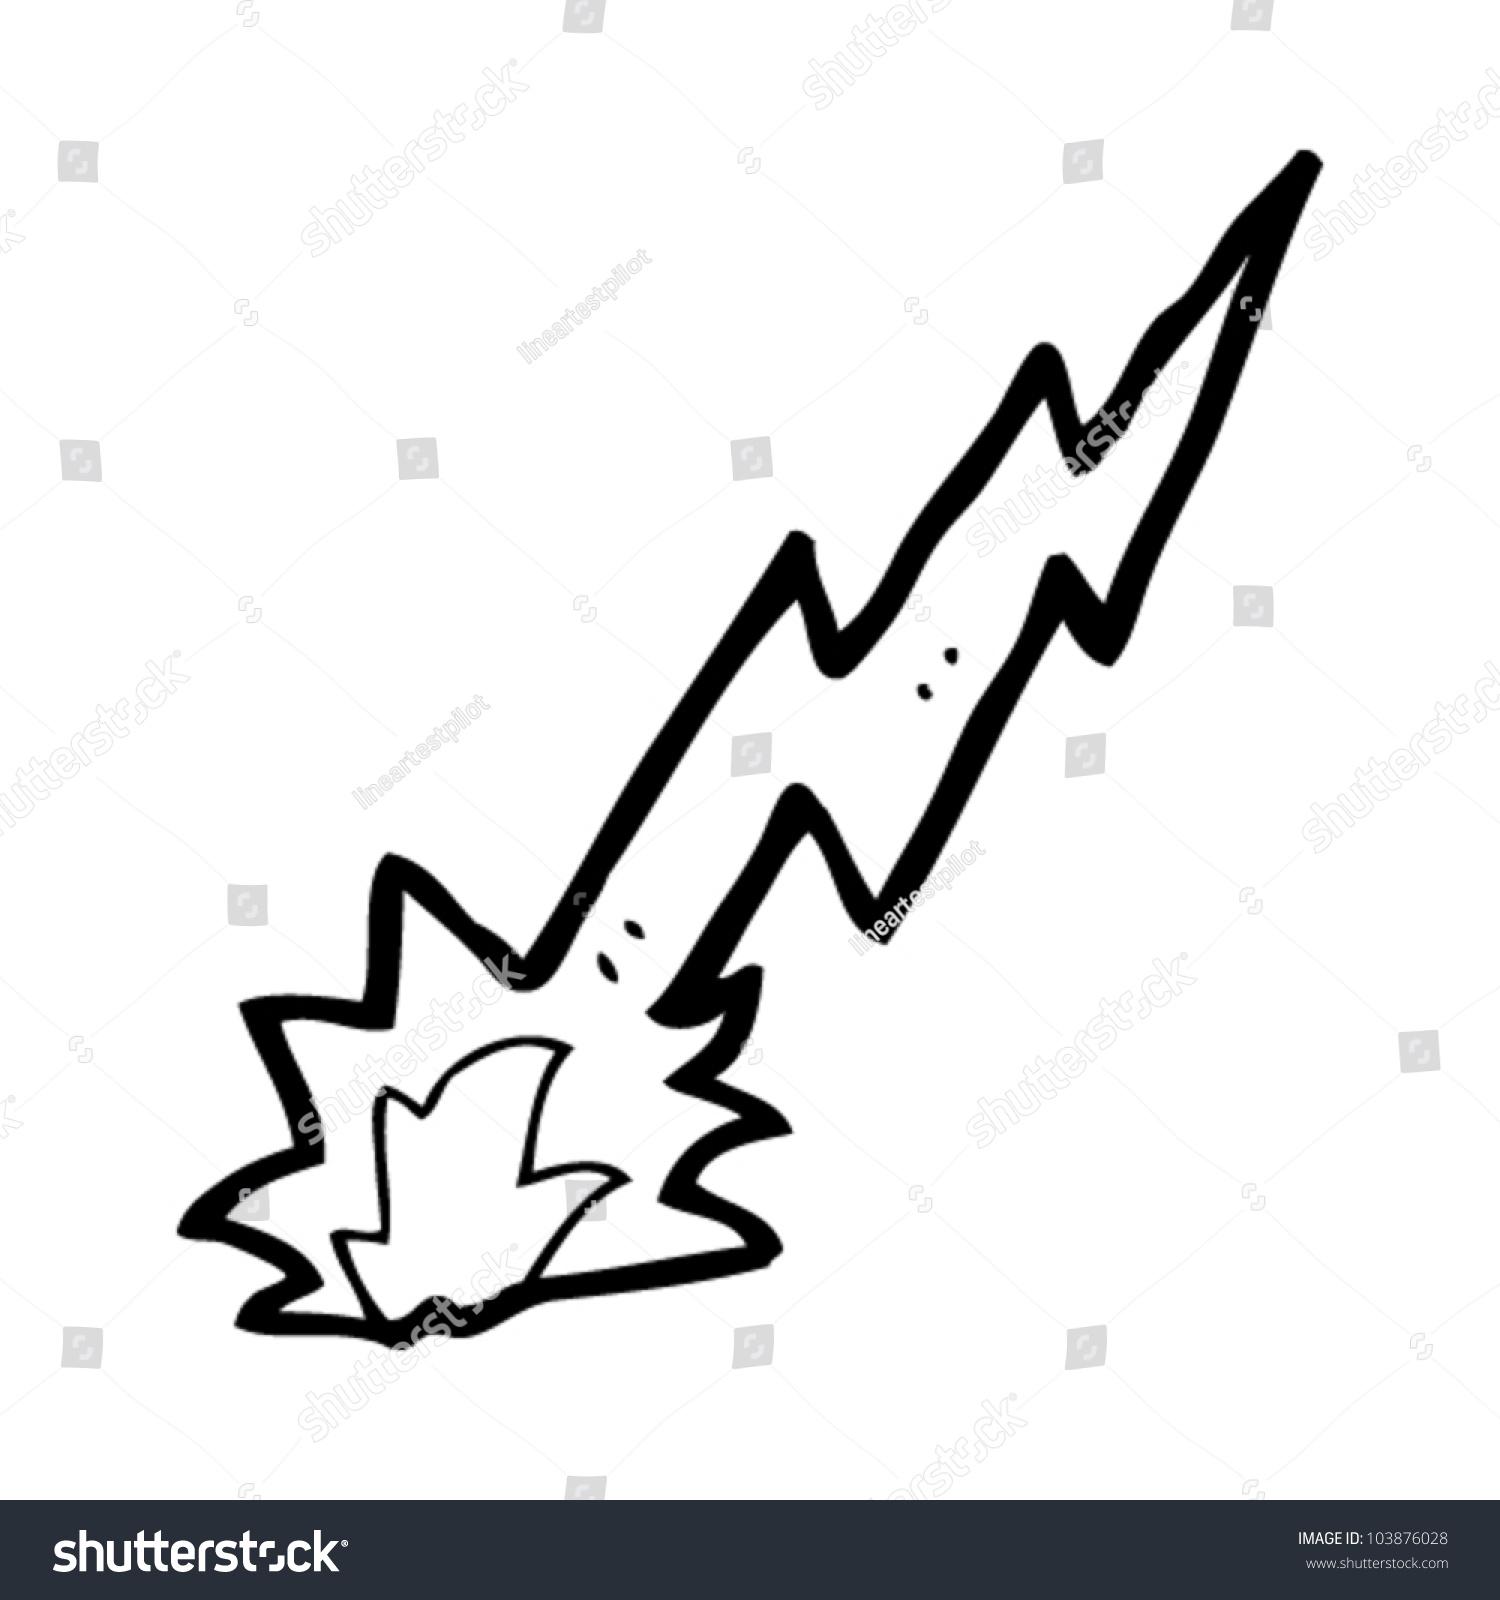 Cartoon Lightning Strike Stock Vector Illustration 103876028 ...